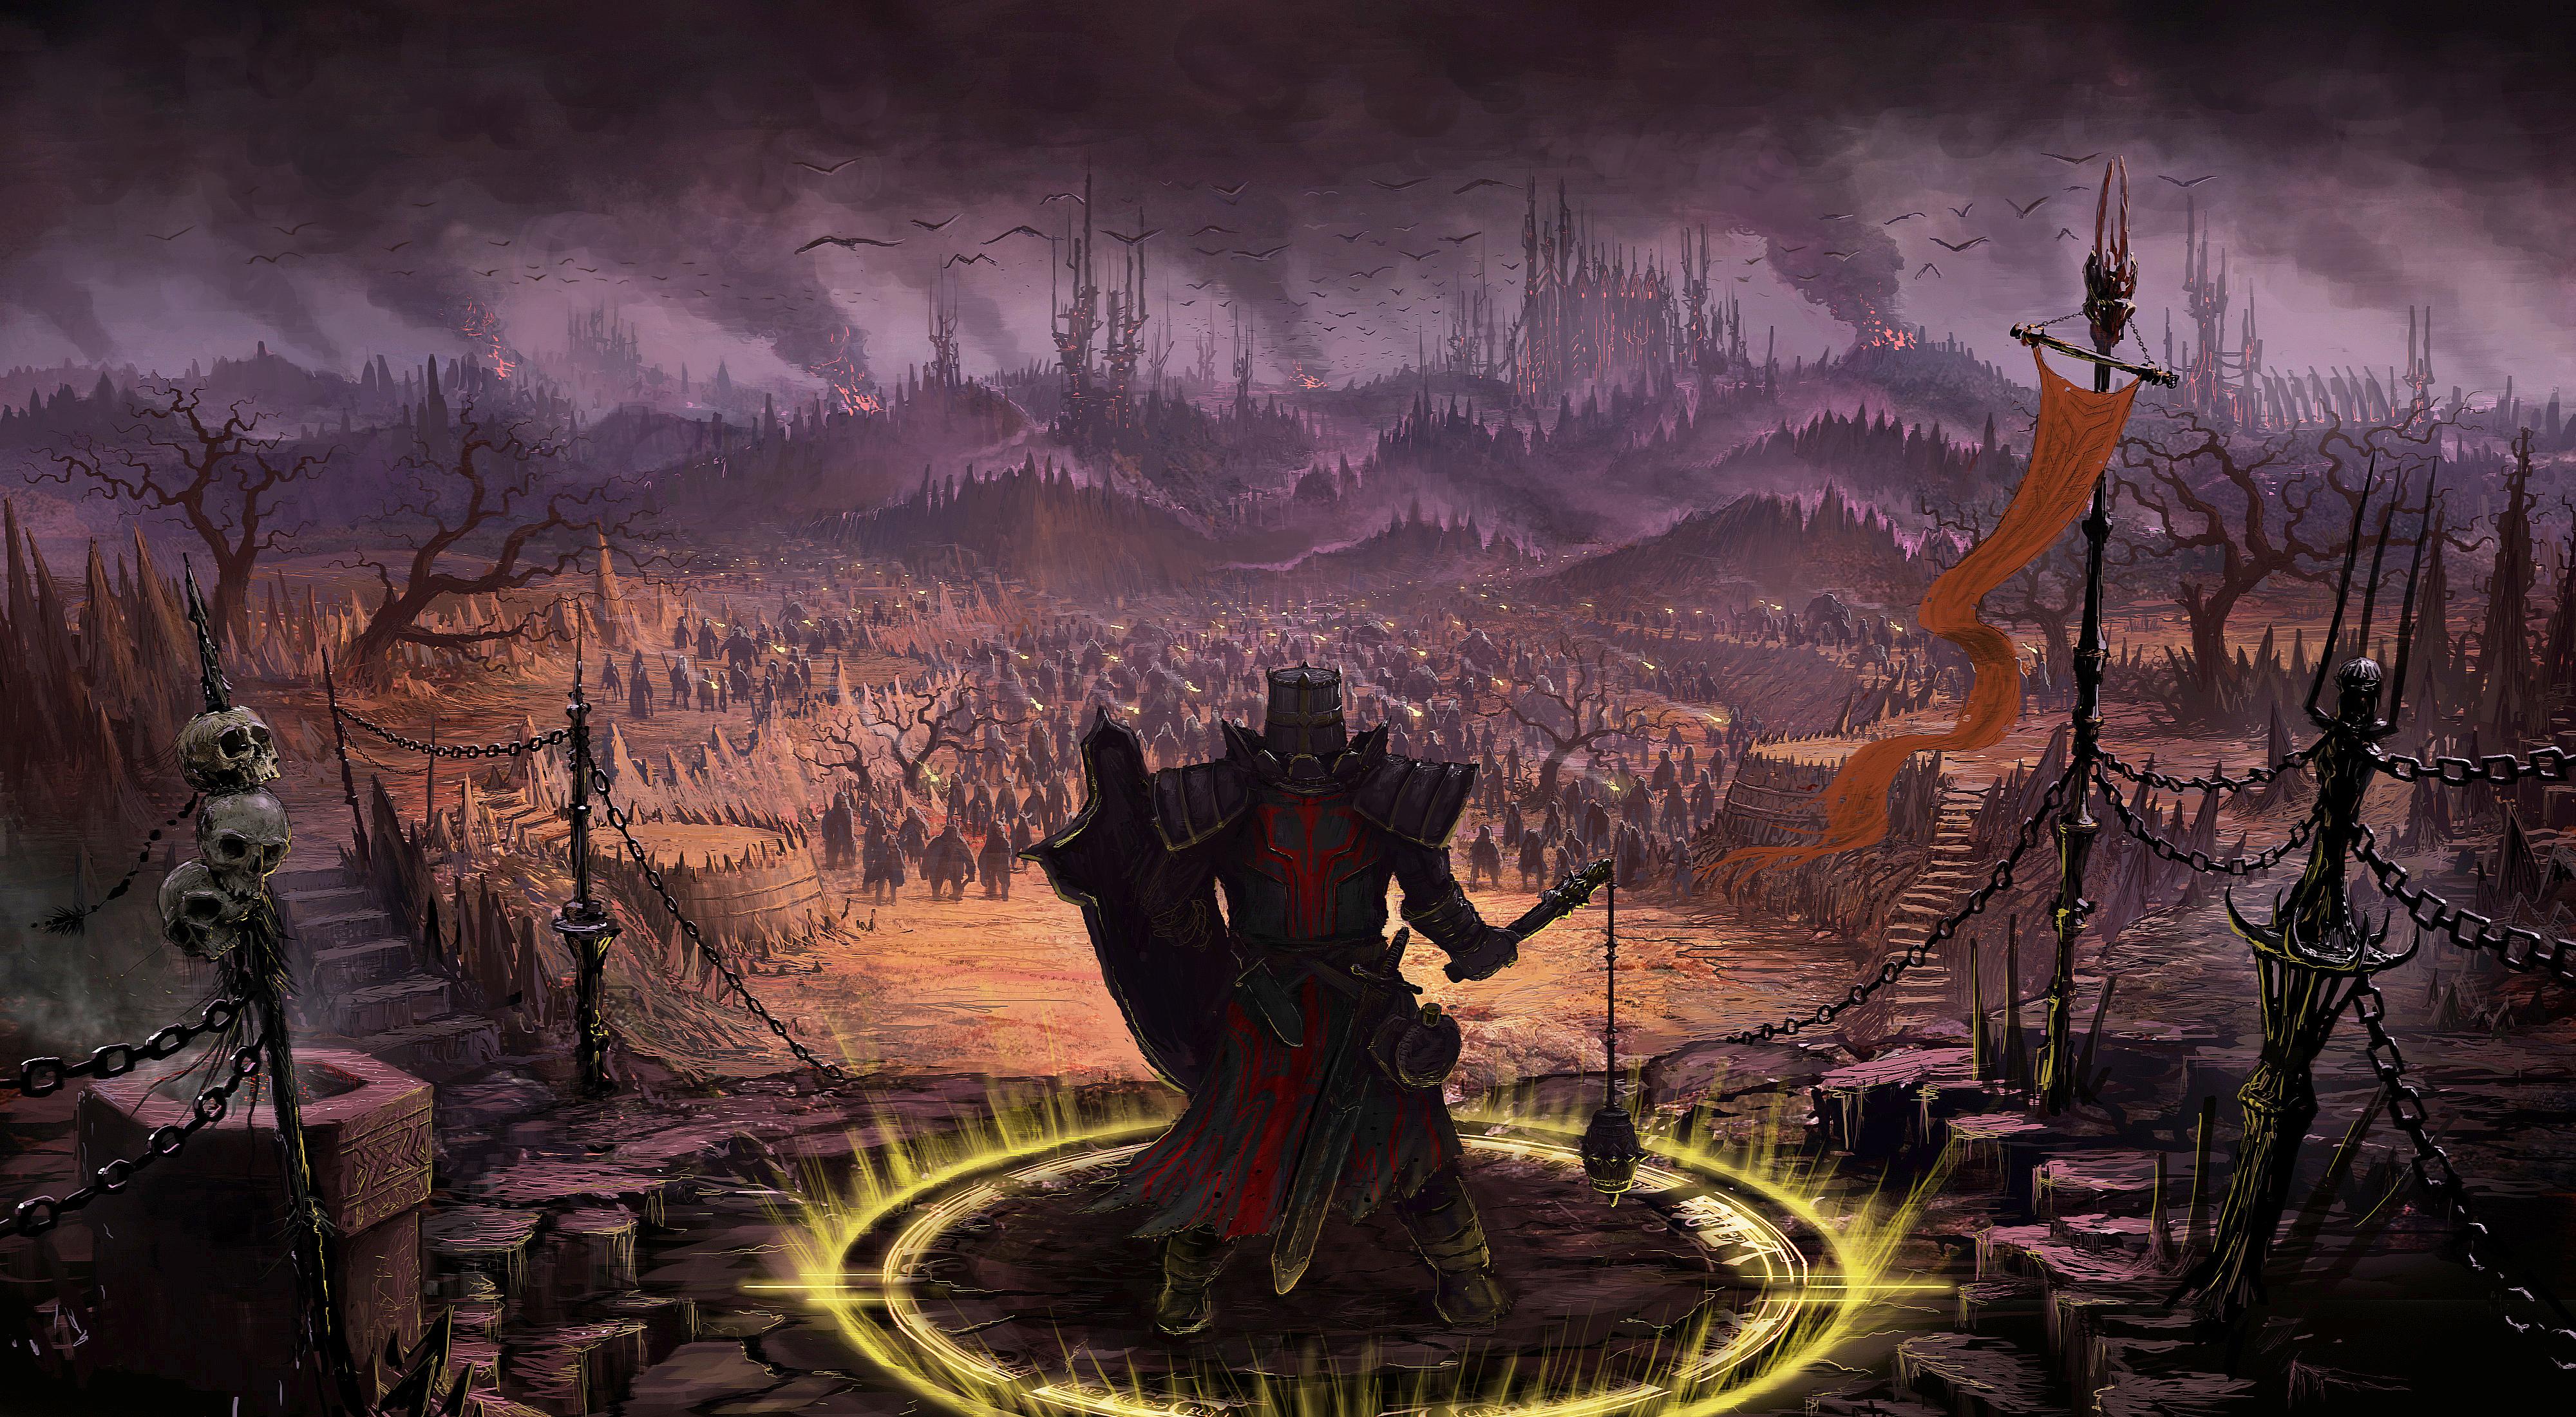 Diablo III Fan Art Contest by 5ofnovember